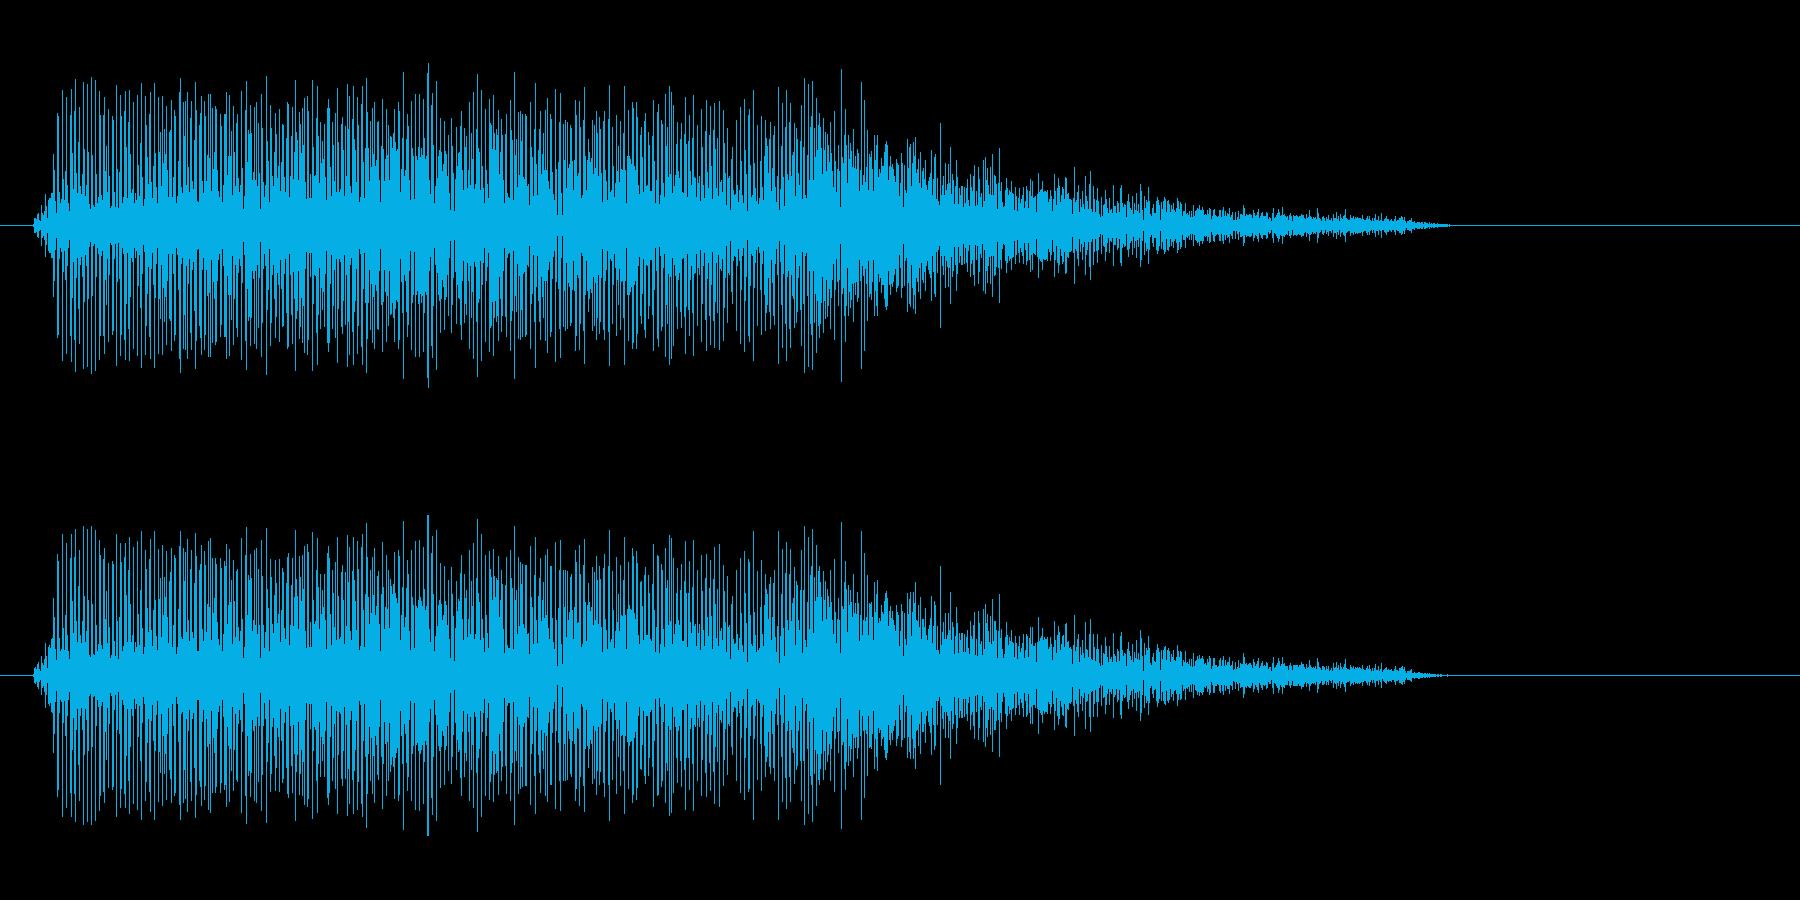 パーワァと登場する音の再生済みの波形